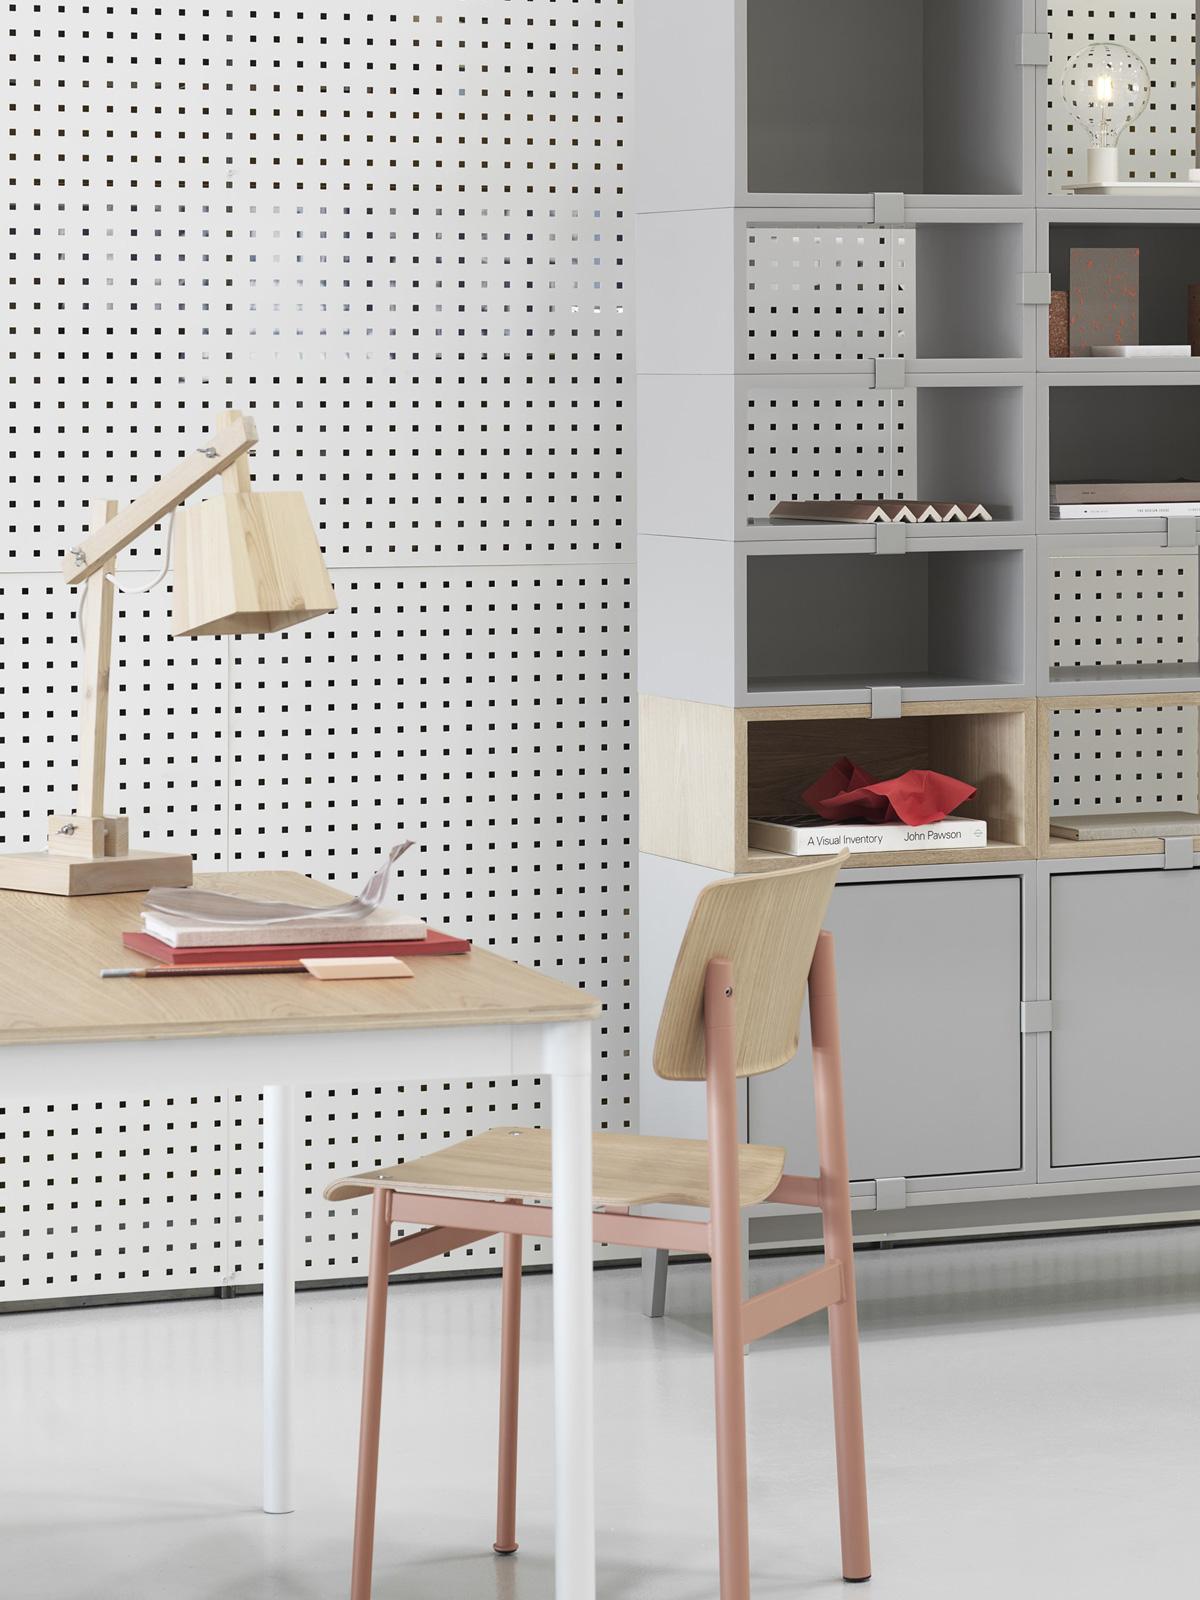 DesignOrt Lampen Blog: Designer im Portrait Tischleuchte Wood von Muuto #skandinavisch #holz #lampe #wohnen